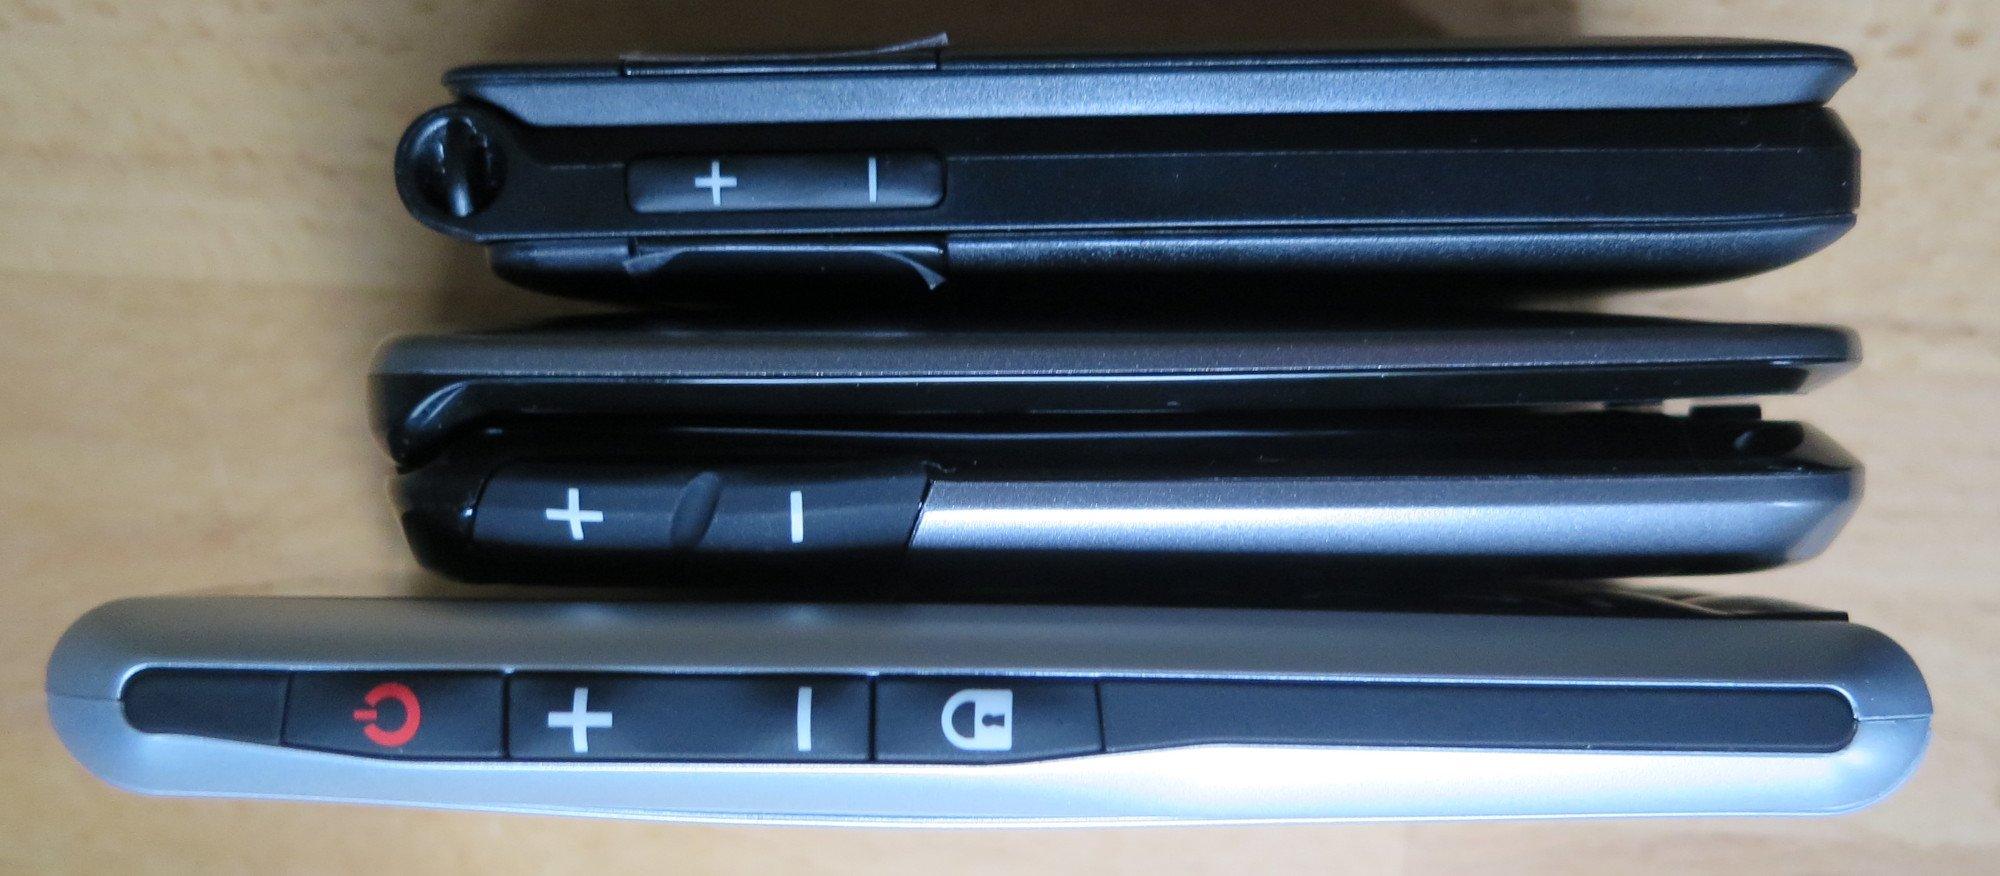 Das Emporia Classic 2G (unten) benötigt eine Taste für die Tastensperre. Die Klapphandys werden bloß aufgeklappt (Bild: Peter Giesecke)